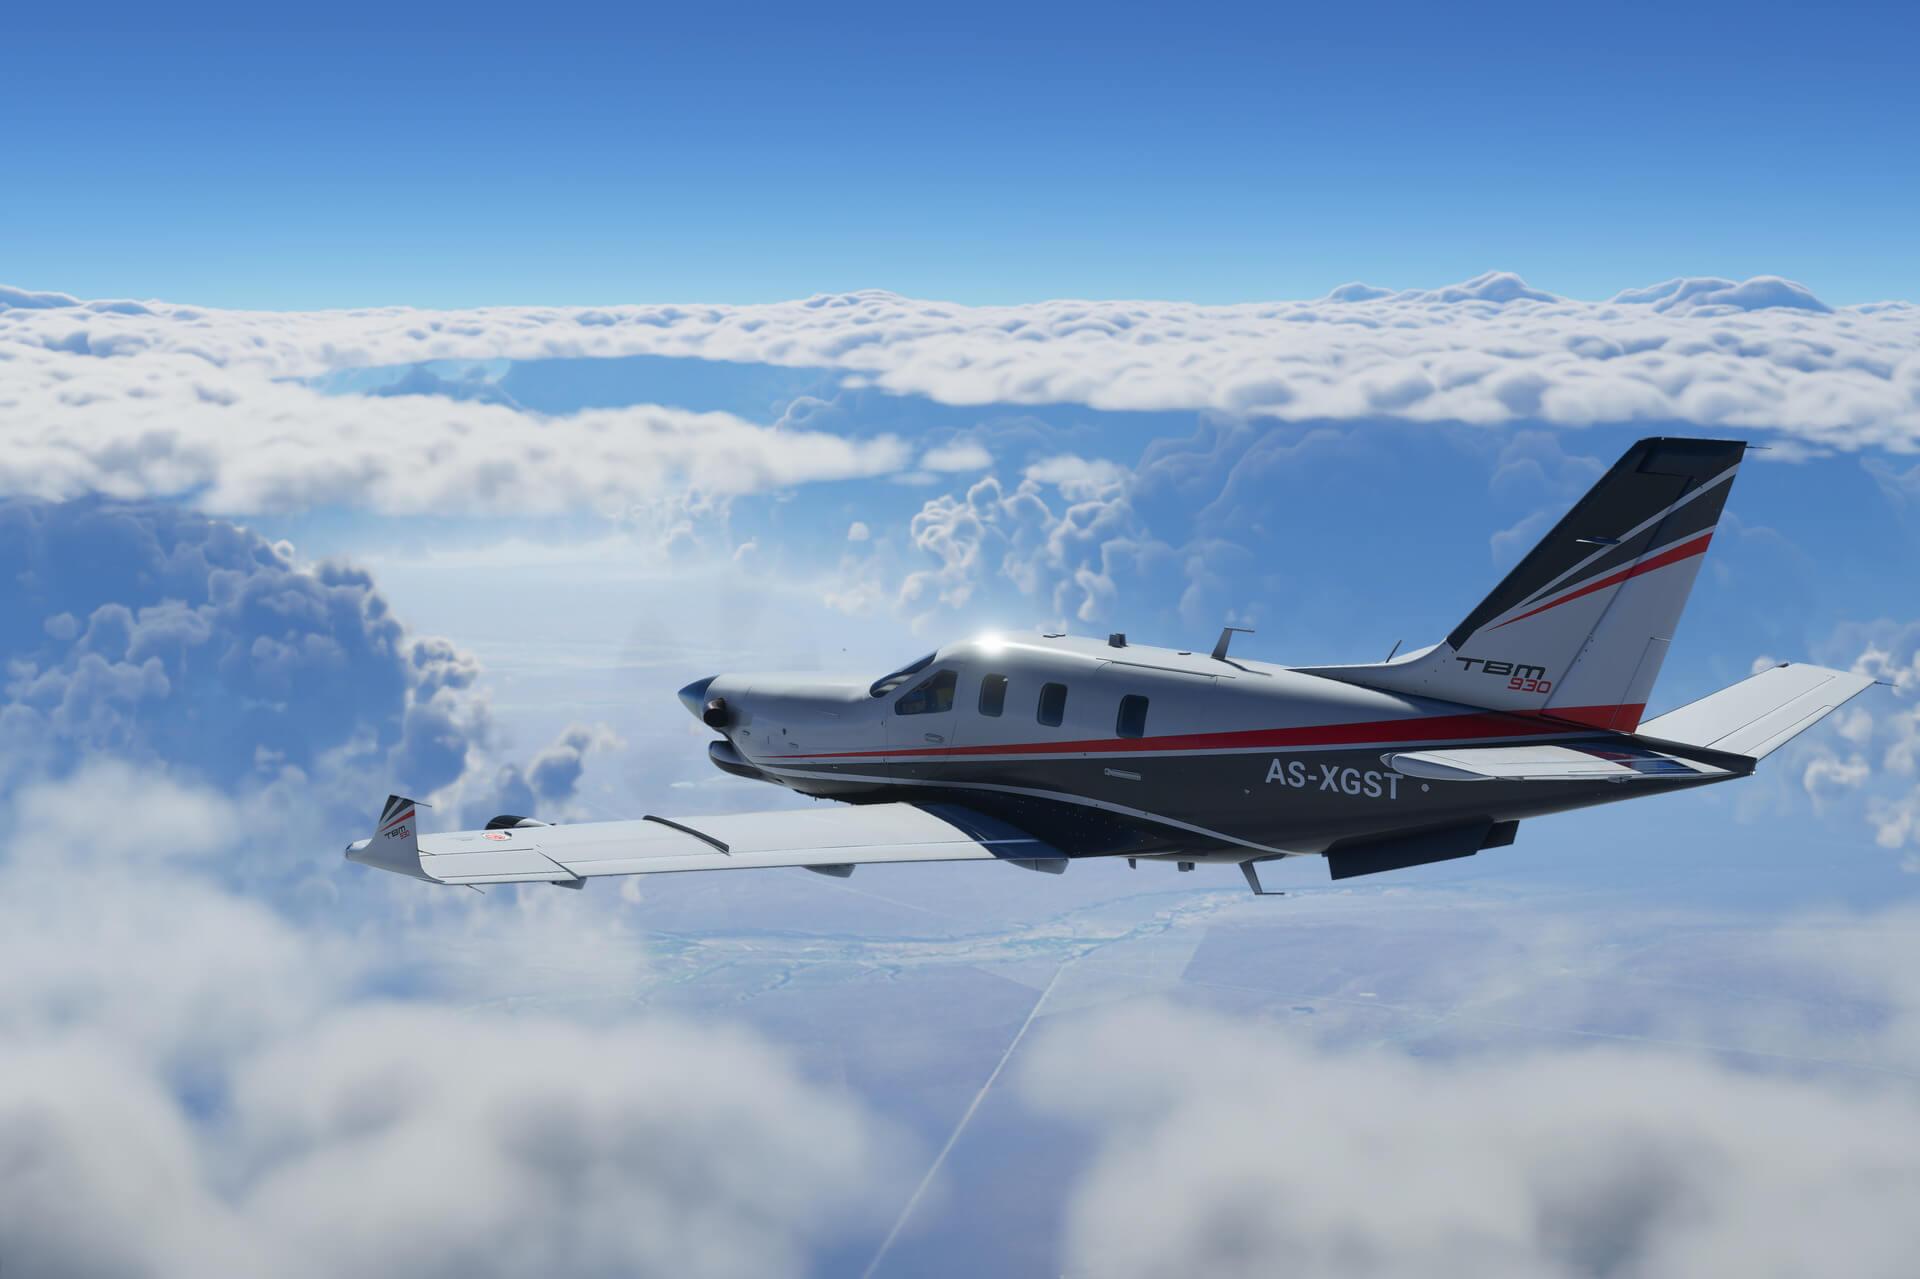 《微软飞行模拟》PC销量已超百万套